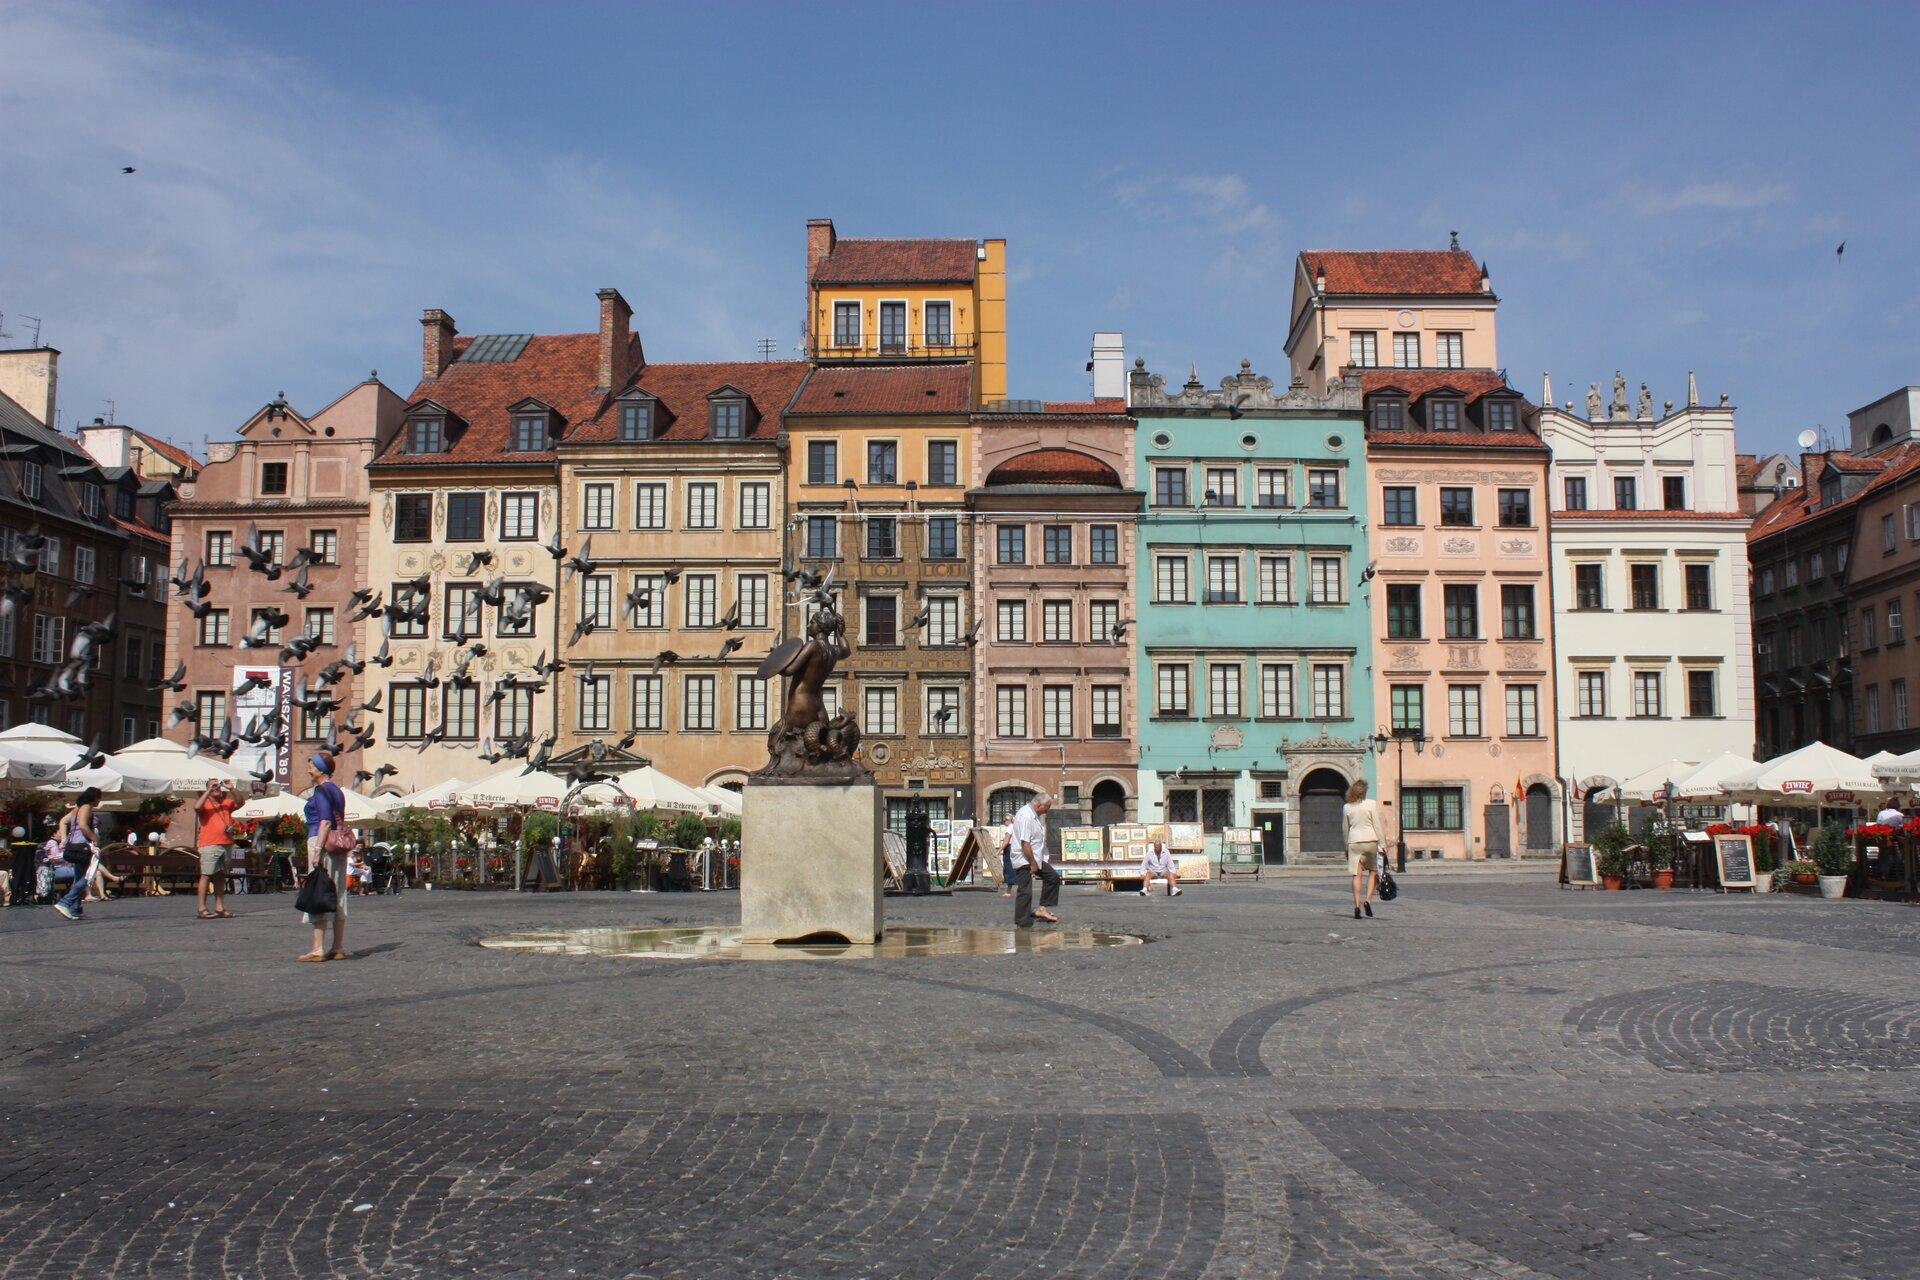 Na zdjęciu kilka kolorowych kamienic zczerwonymi dachami. Przed nimi plac wyłożony kostką brukową. Na środku rzeźba, Syrenka ztarczą. Przechodnie, kawiarniane ogródki, parasole, gołębie.